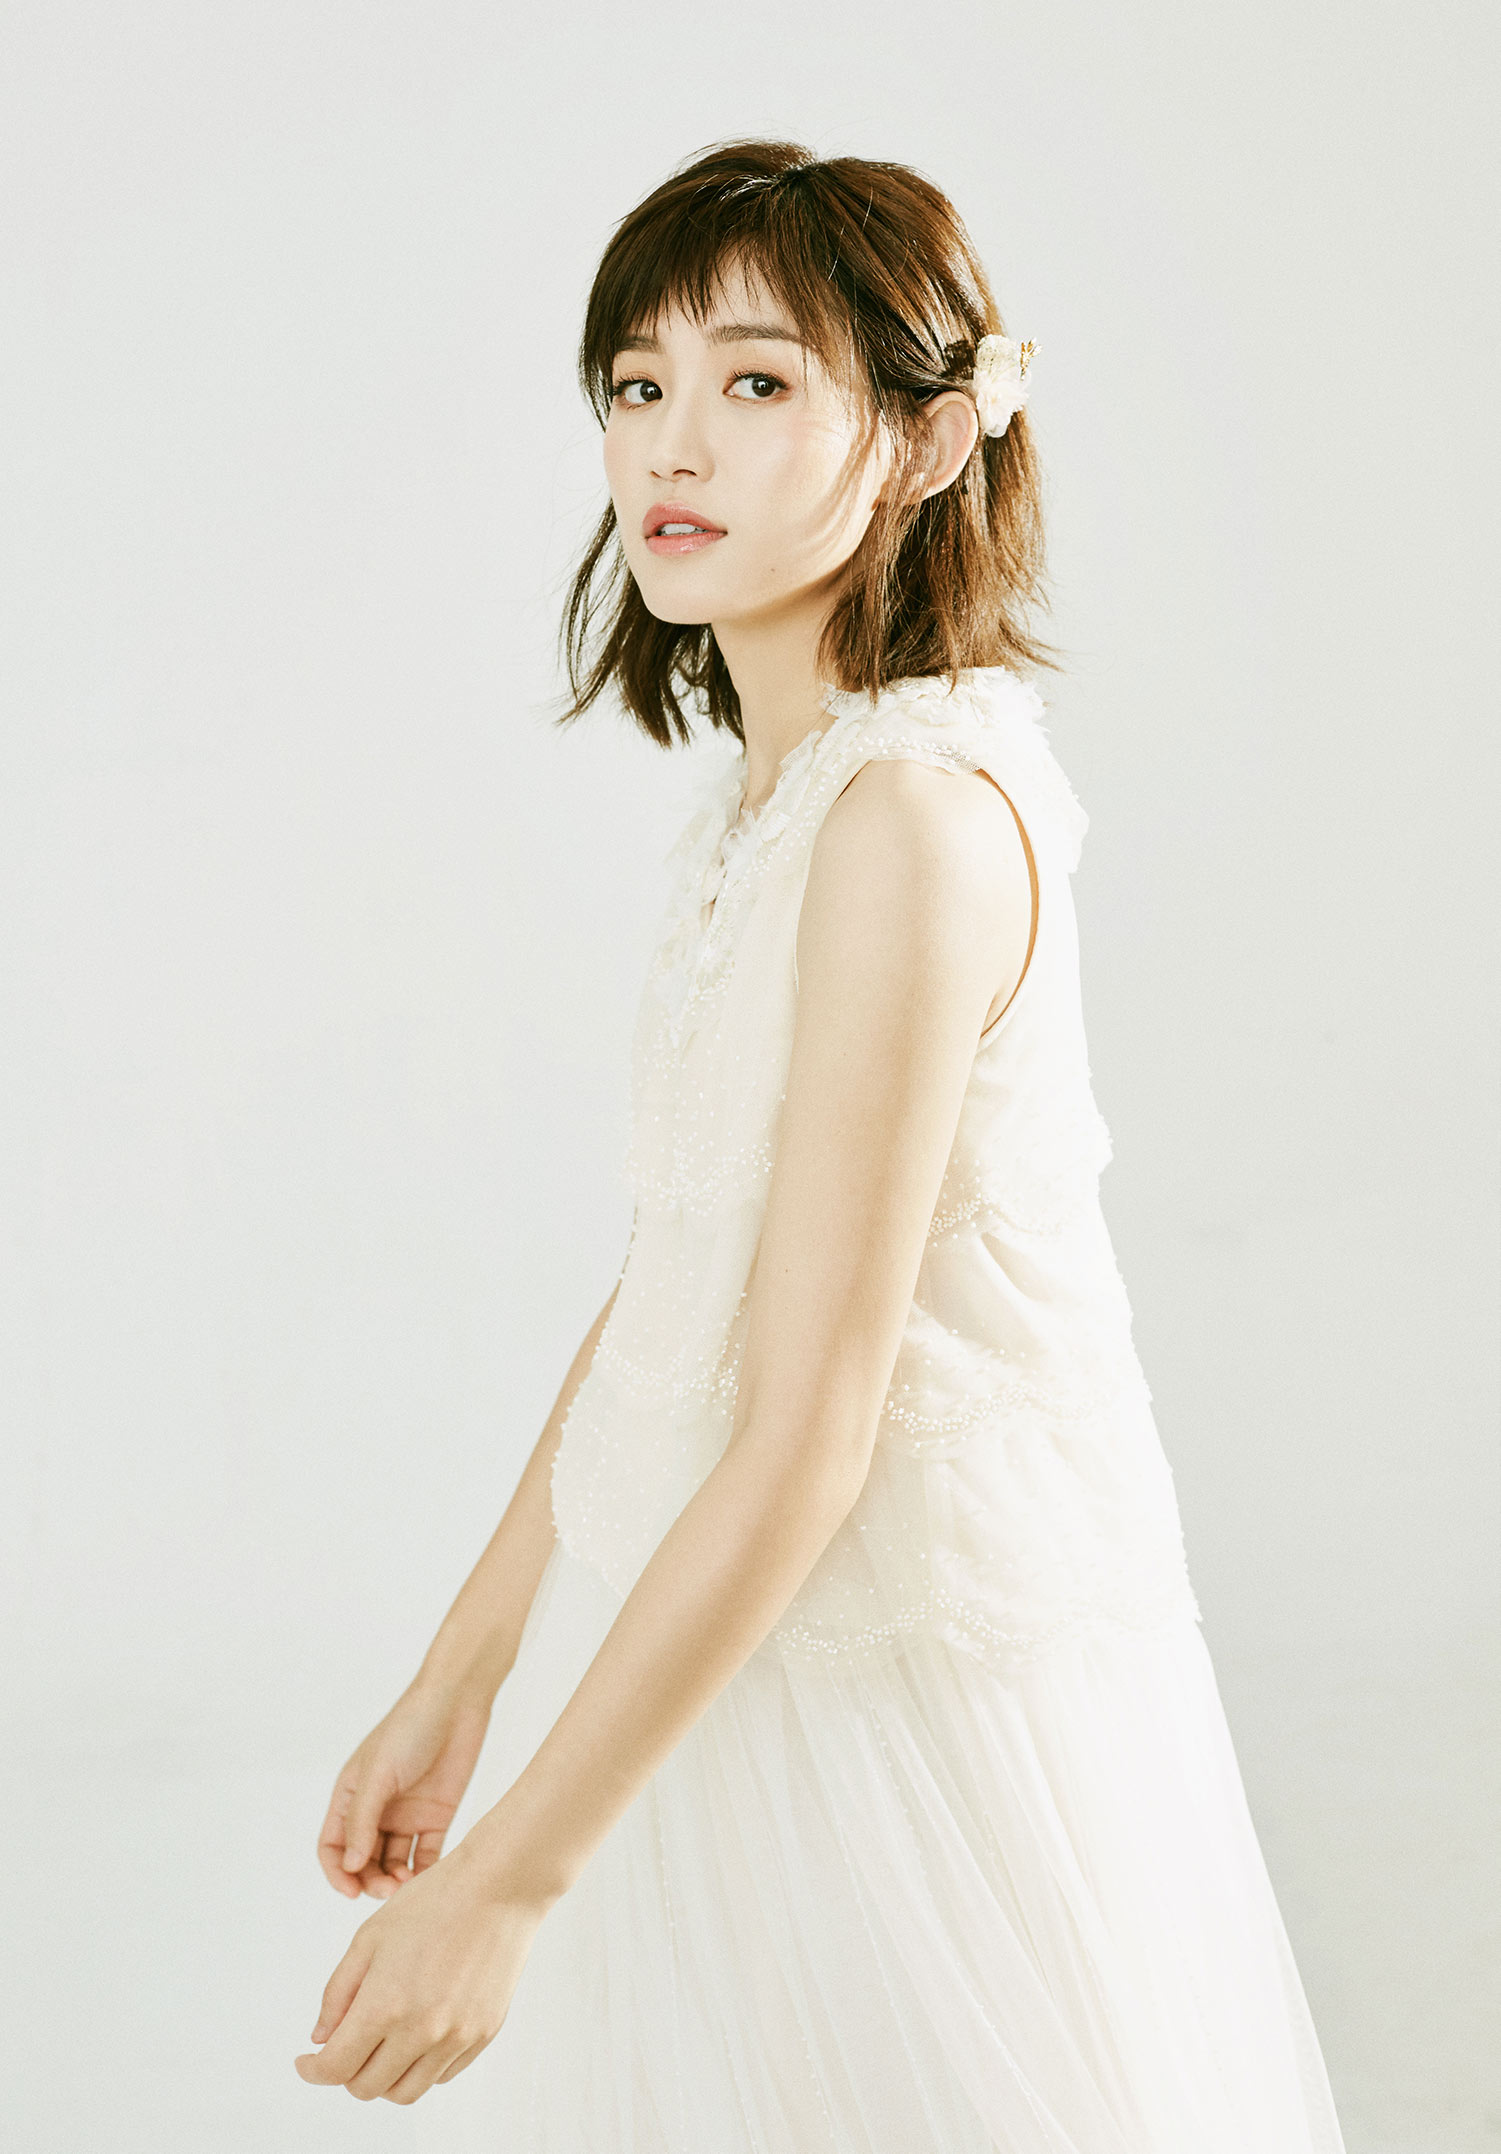 """苏青曝唯美大片 诠释""""新娘""""look仙气十足"""